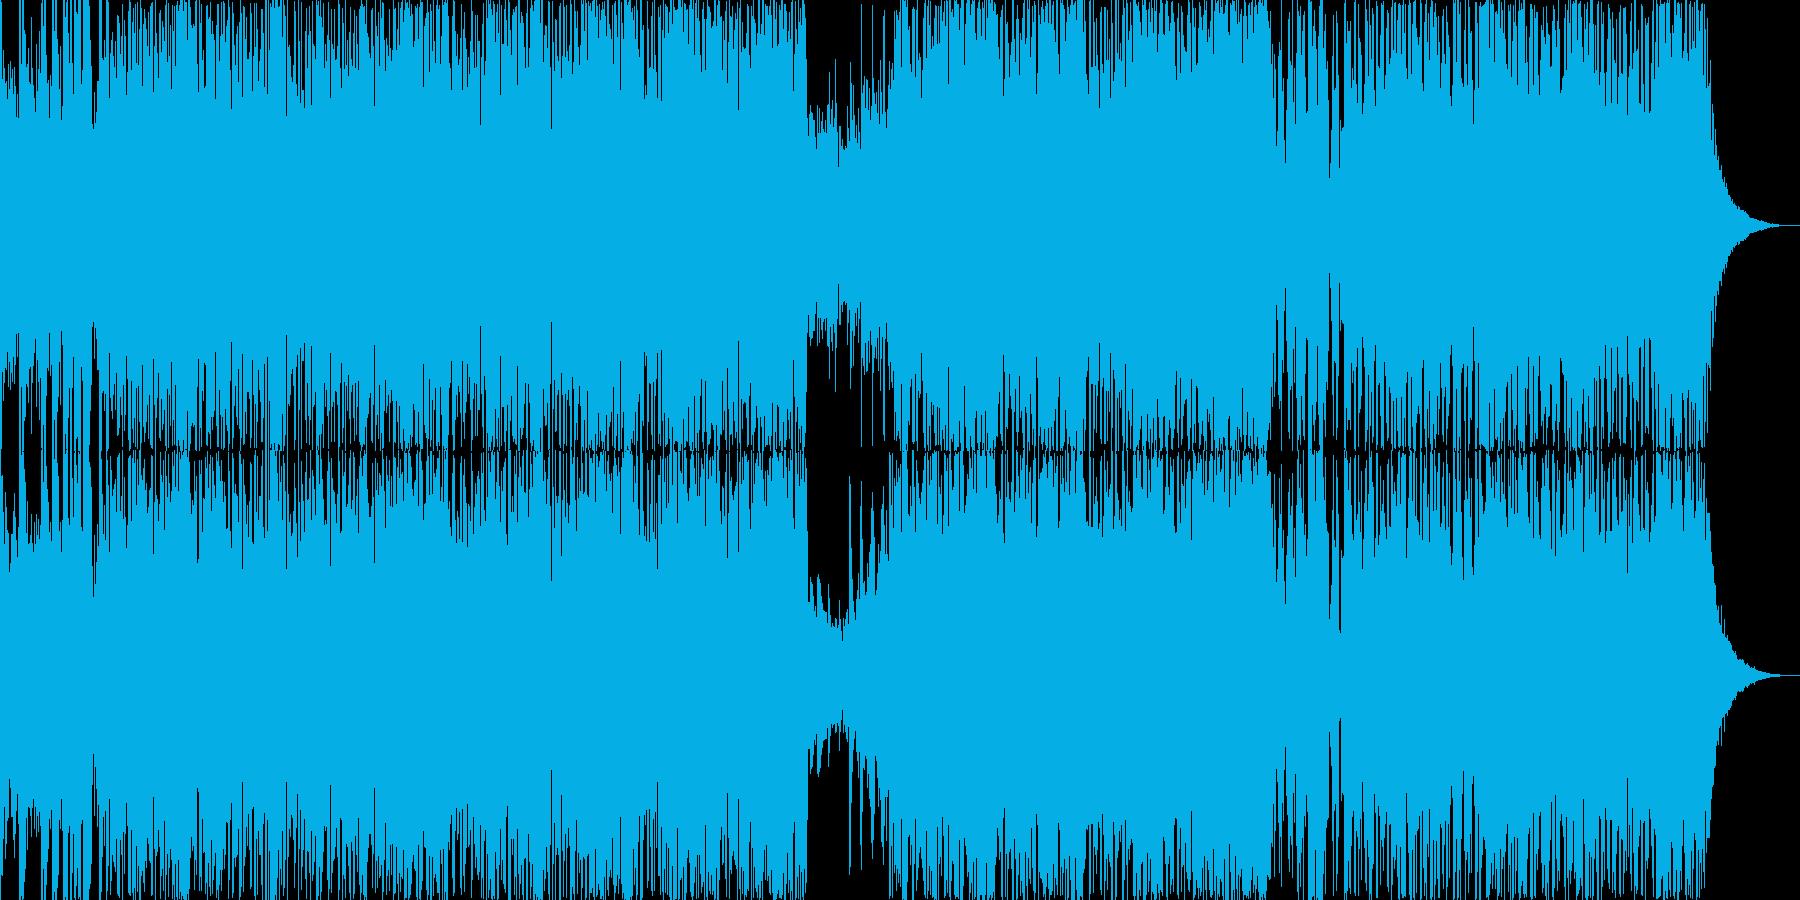 三味線の疾走感 ディープドラムンベースの再生済みの波形